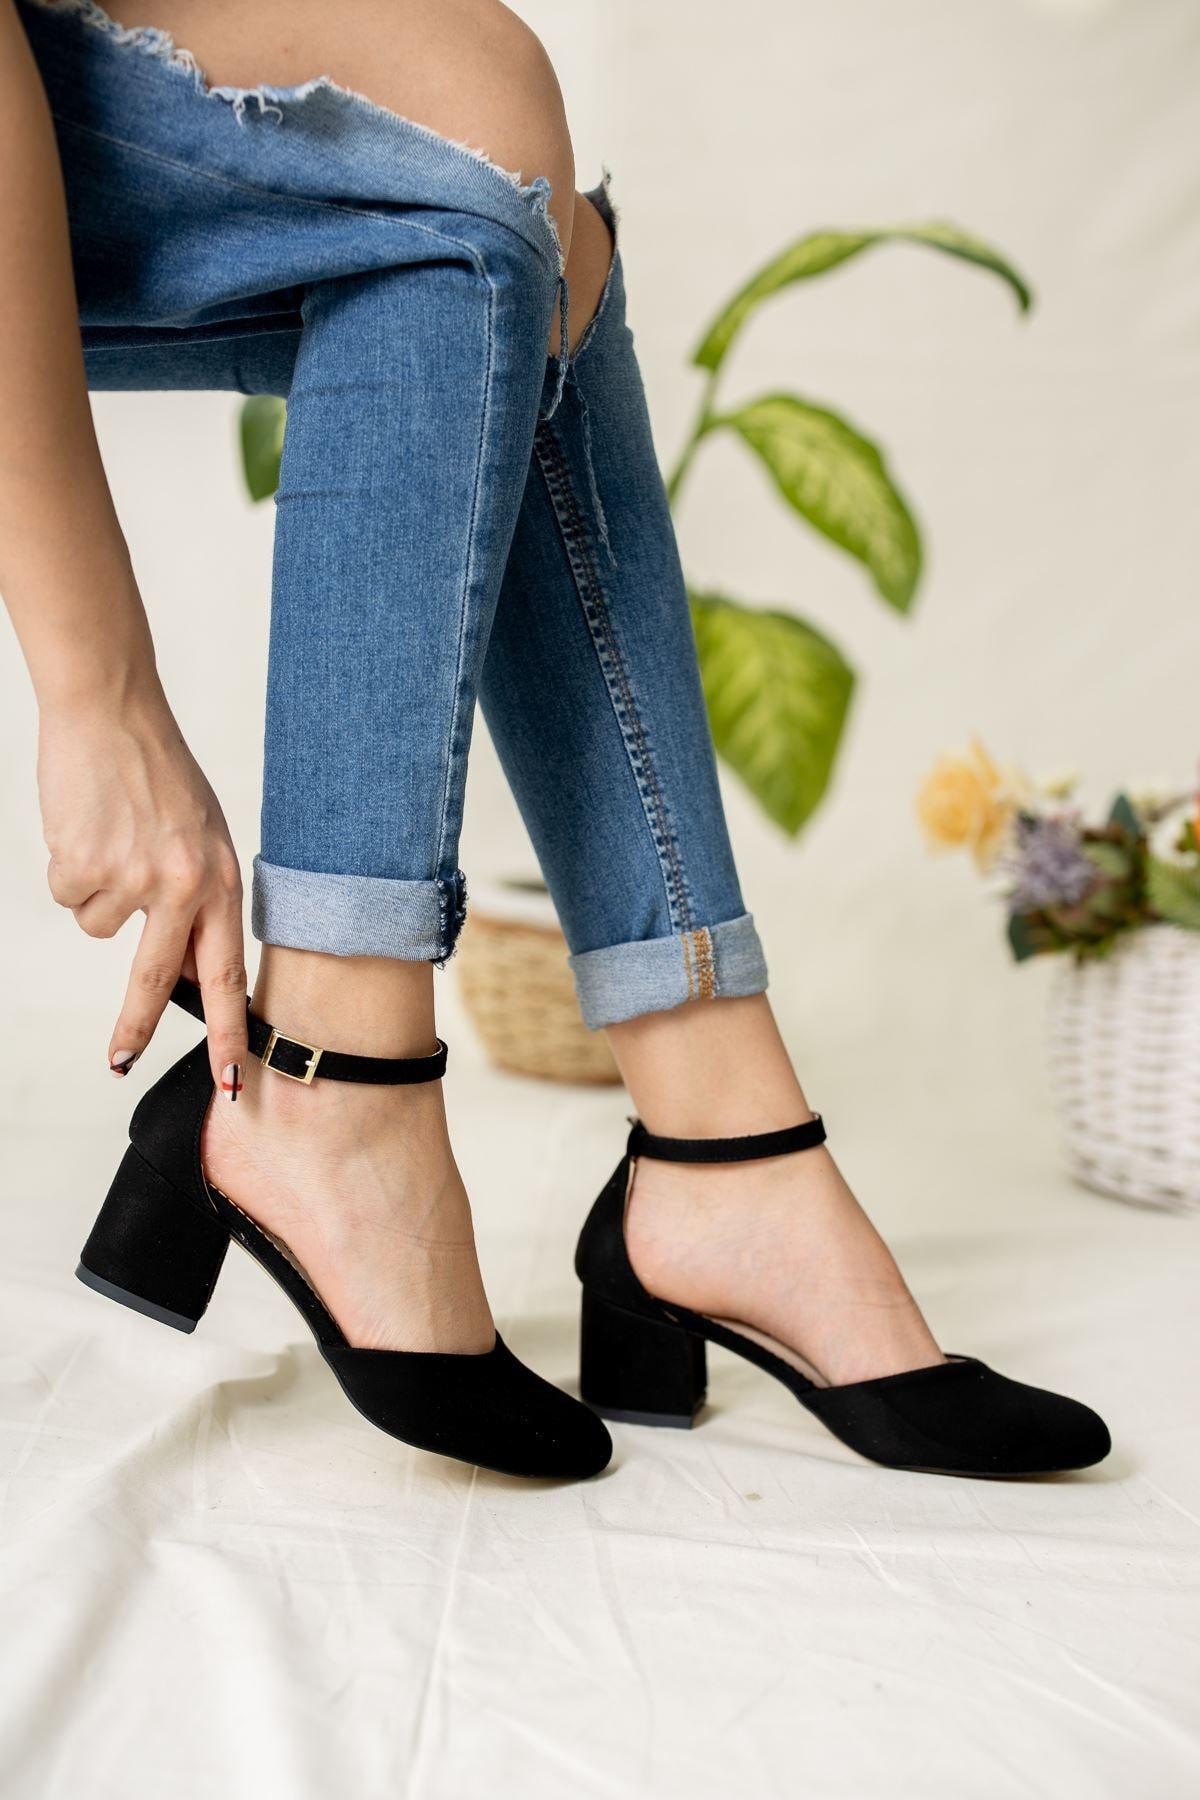 epaavm Kadın Siyah Yuvarlak Burun Süet Karnıyarık Ayakkabı